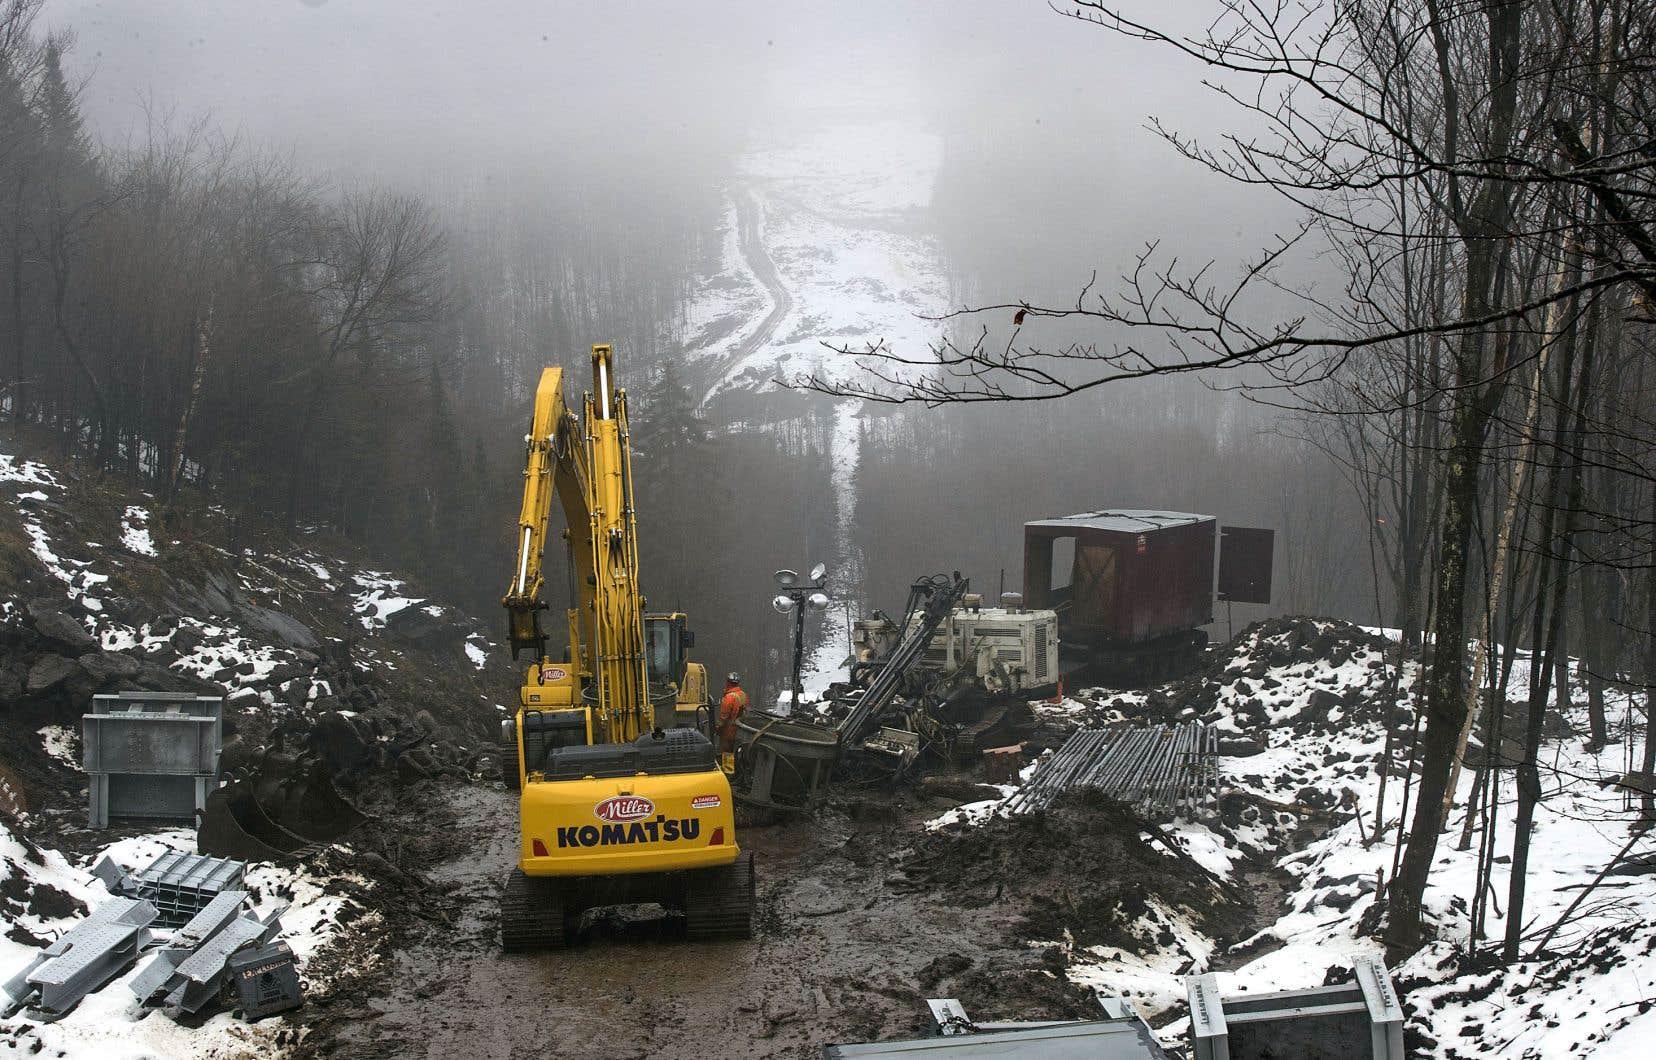 Depuis l'été, Hydro-Québec et ses sous-traitants ont reçu au moins 15 constats d'infraction pour avoir enfreint la Loi sur la qualité de l'environnement lors des travaux de construction de la ligne Grand-Brûlé–Saint-Sauveur.